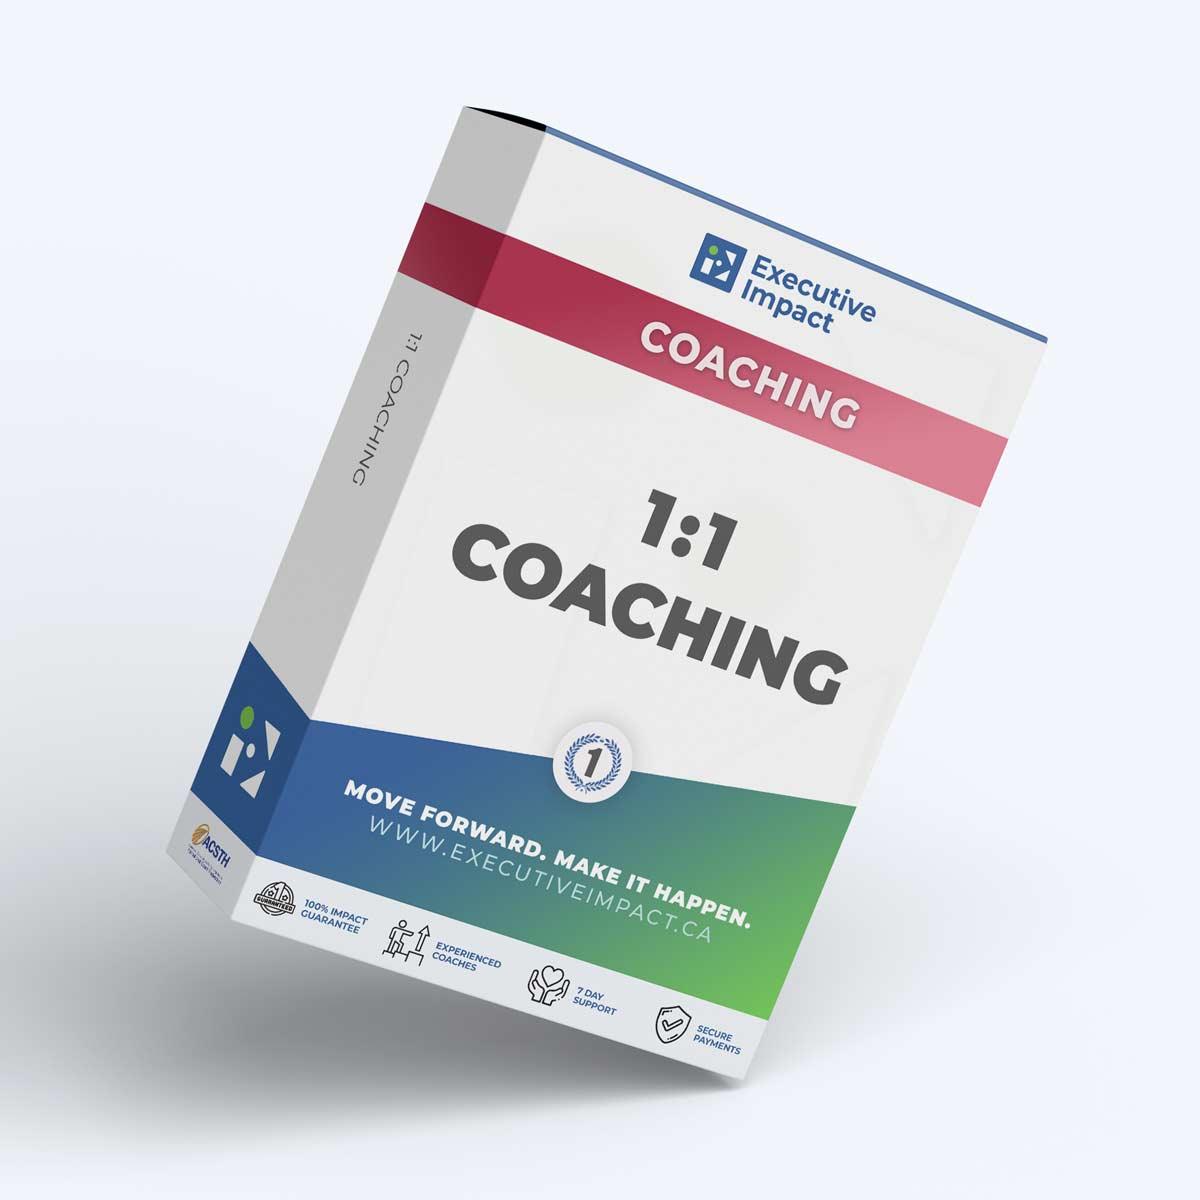 1:1 Coaching by Executive Impact